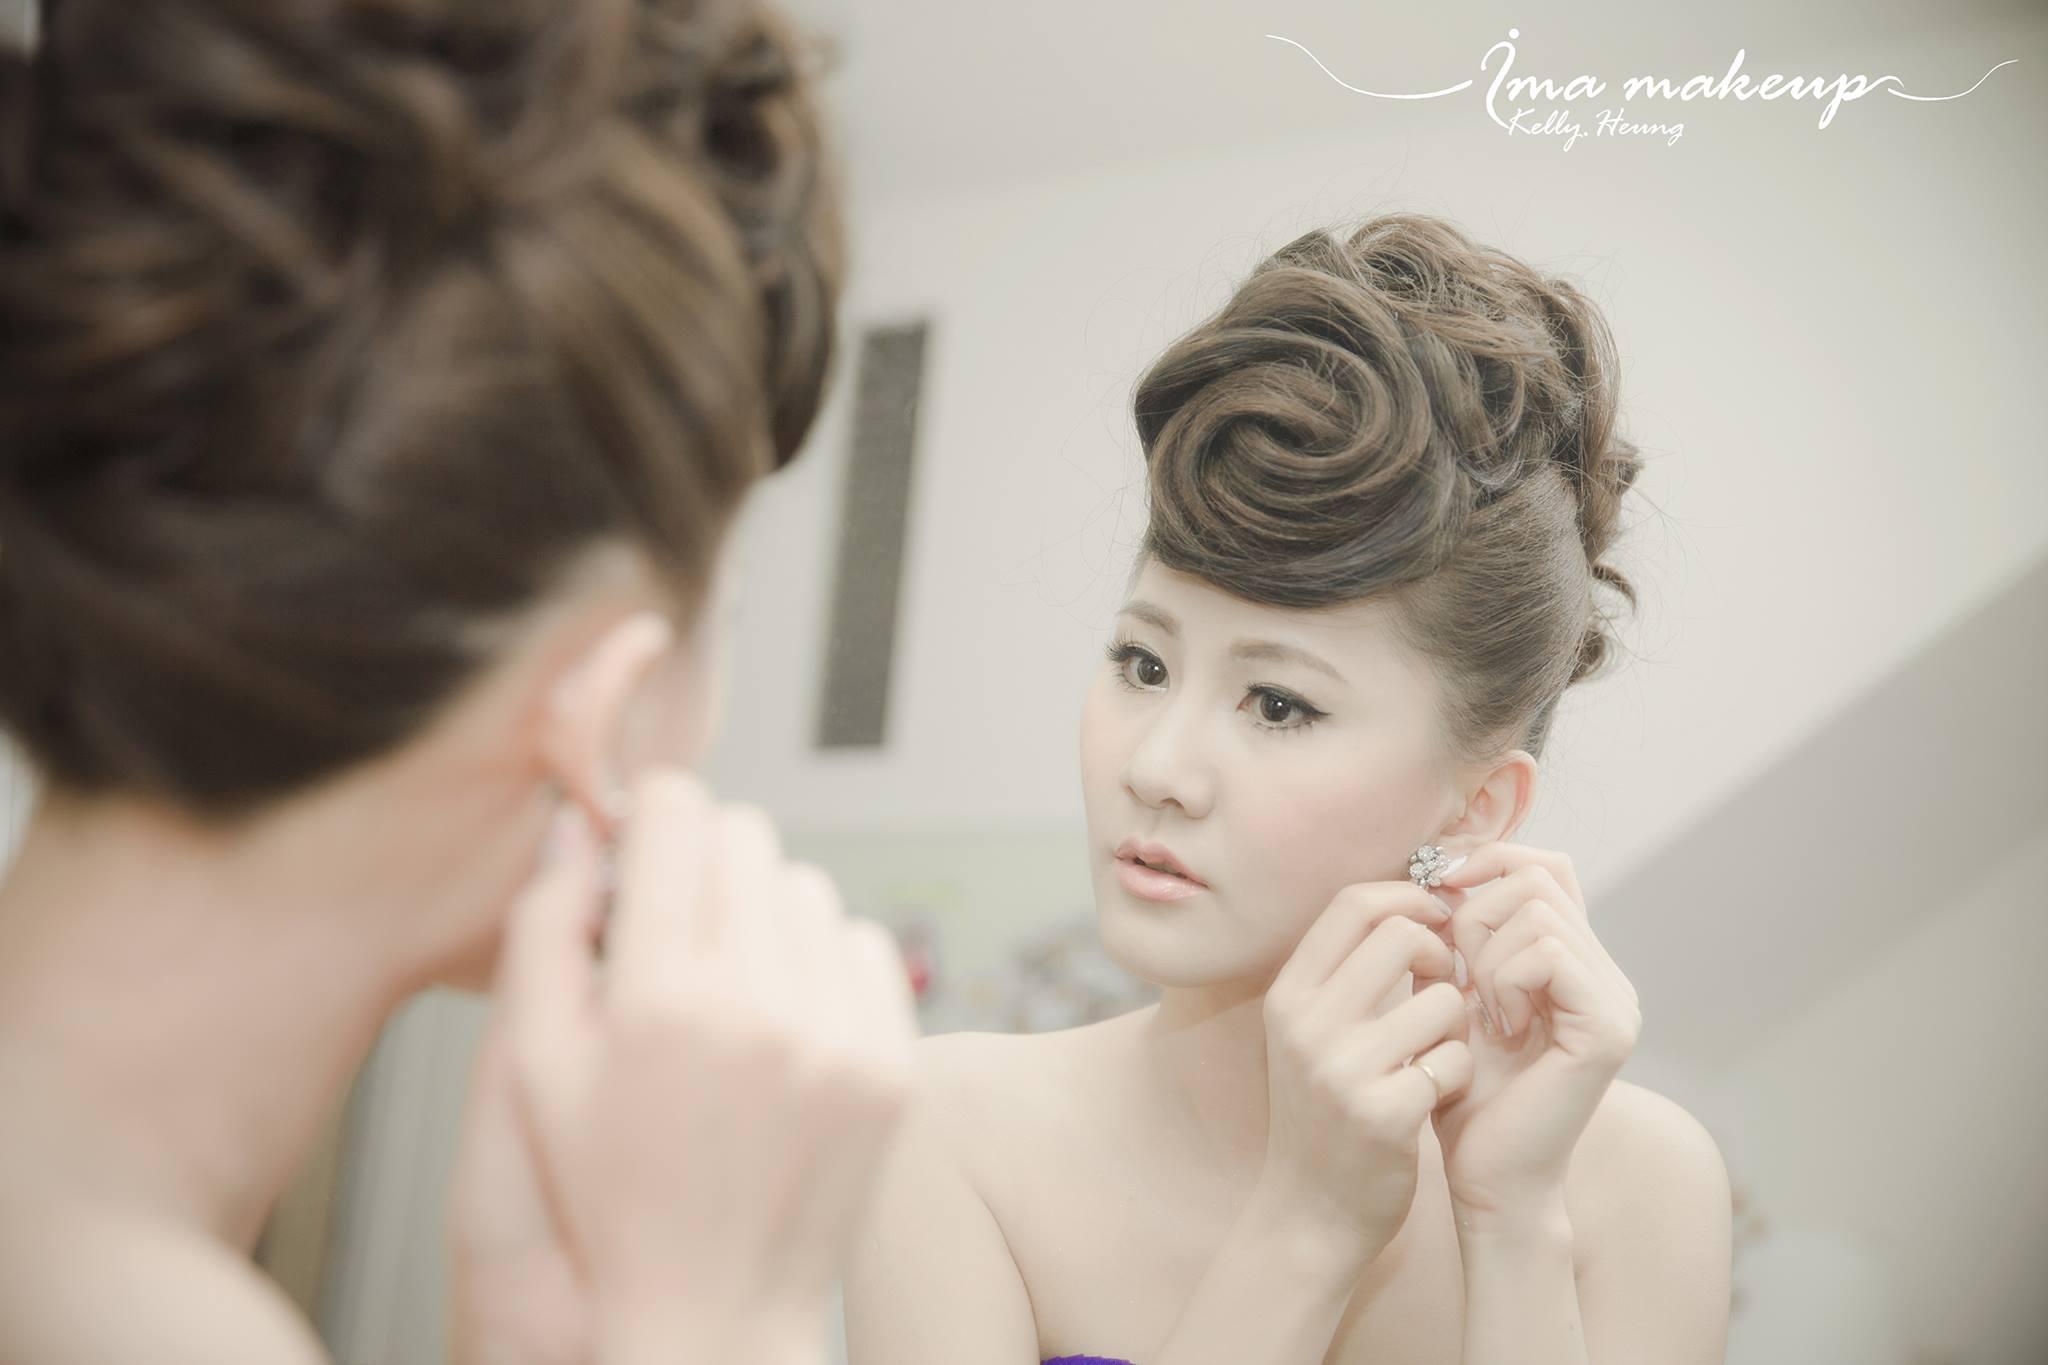 Ima makeup 新娘化妝造型